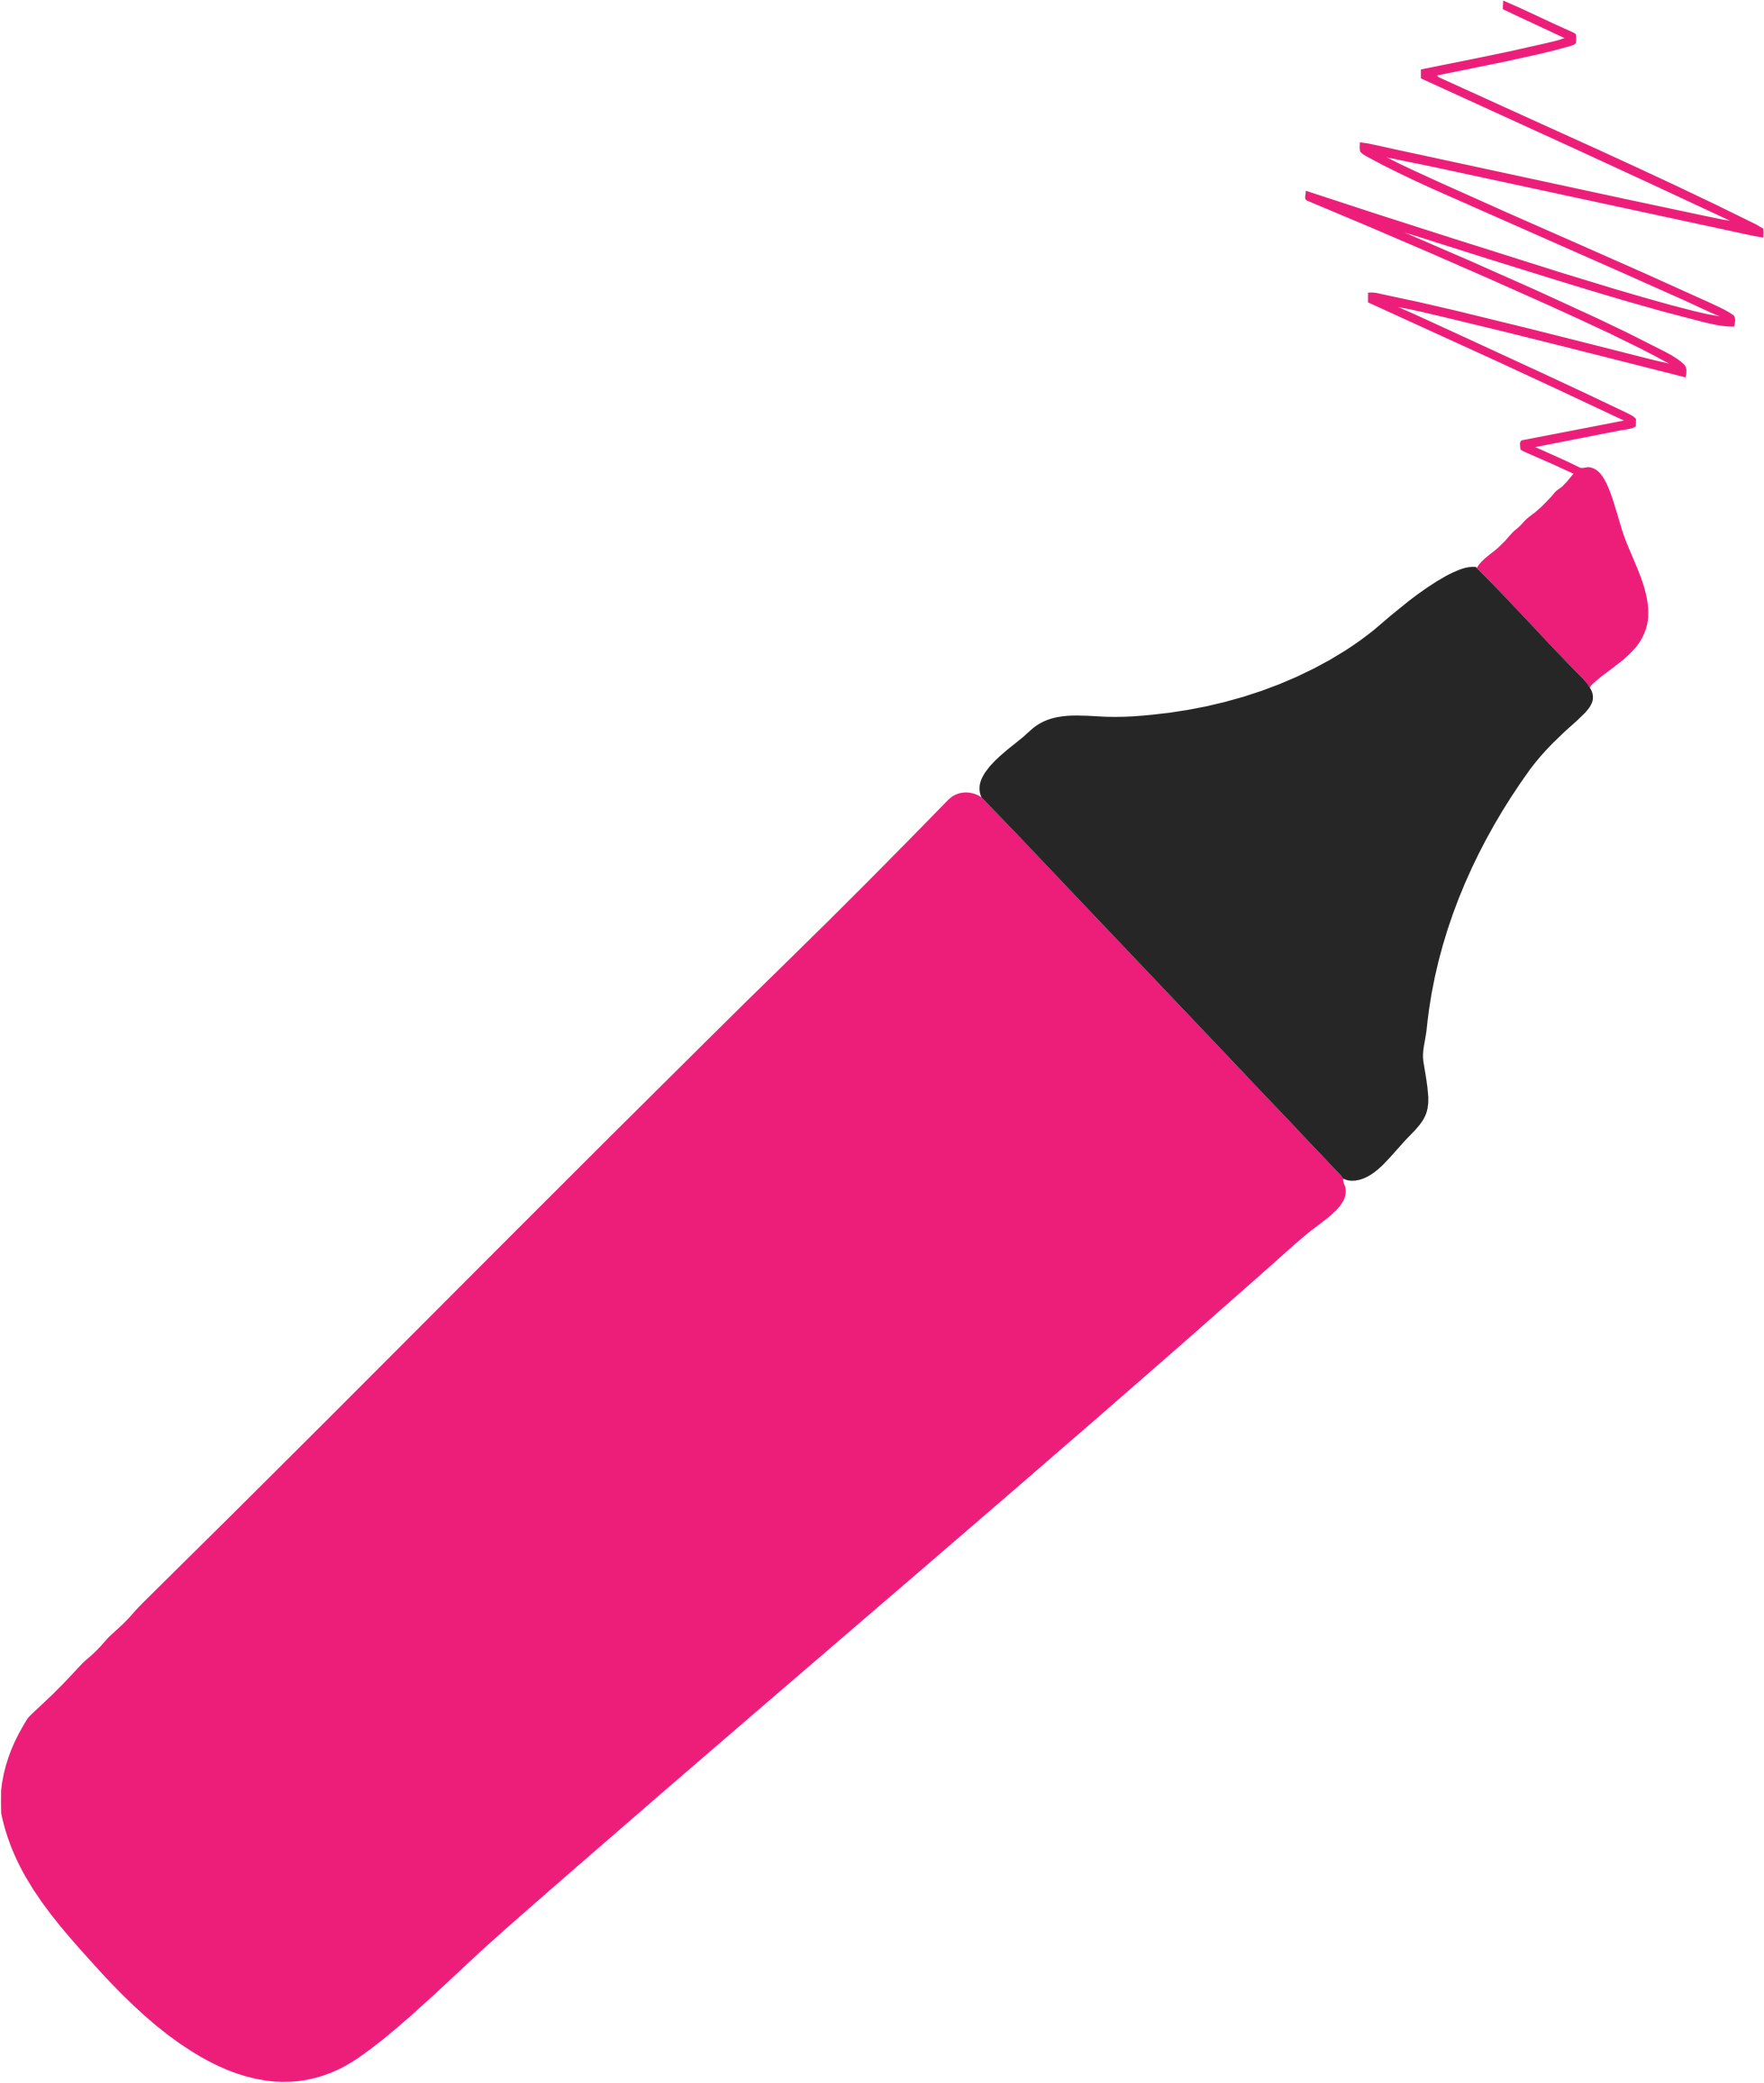 Pen clipart color pen Highlighter Clipart Highlighter Pen Pen